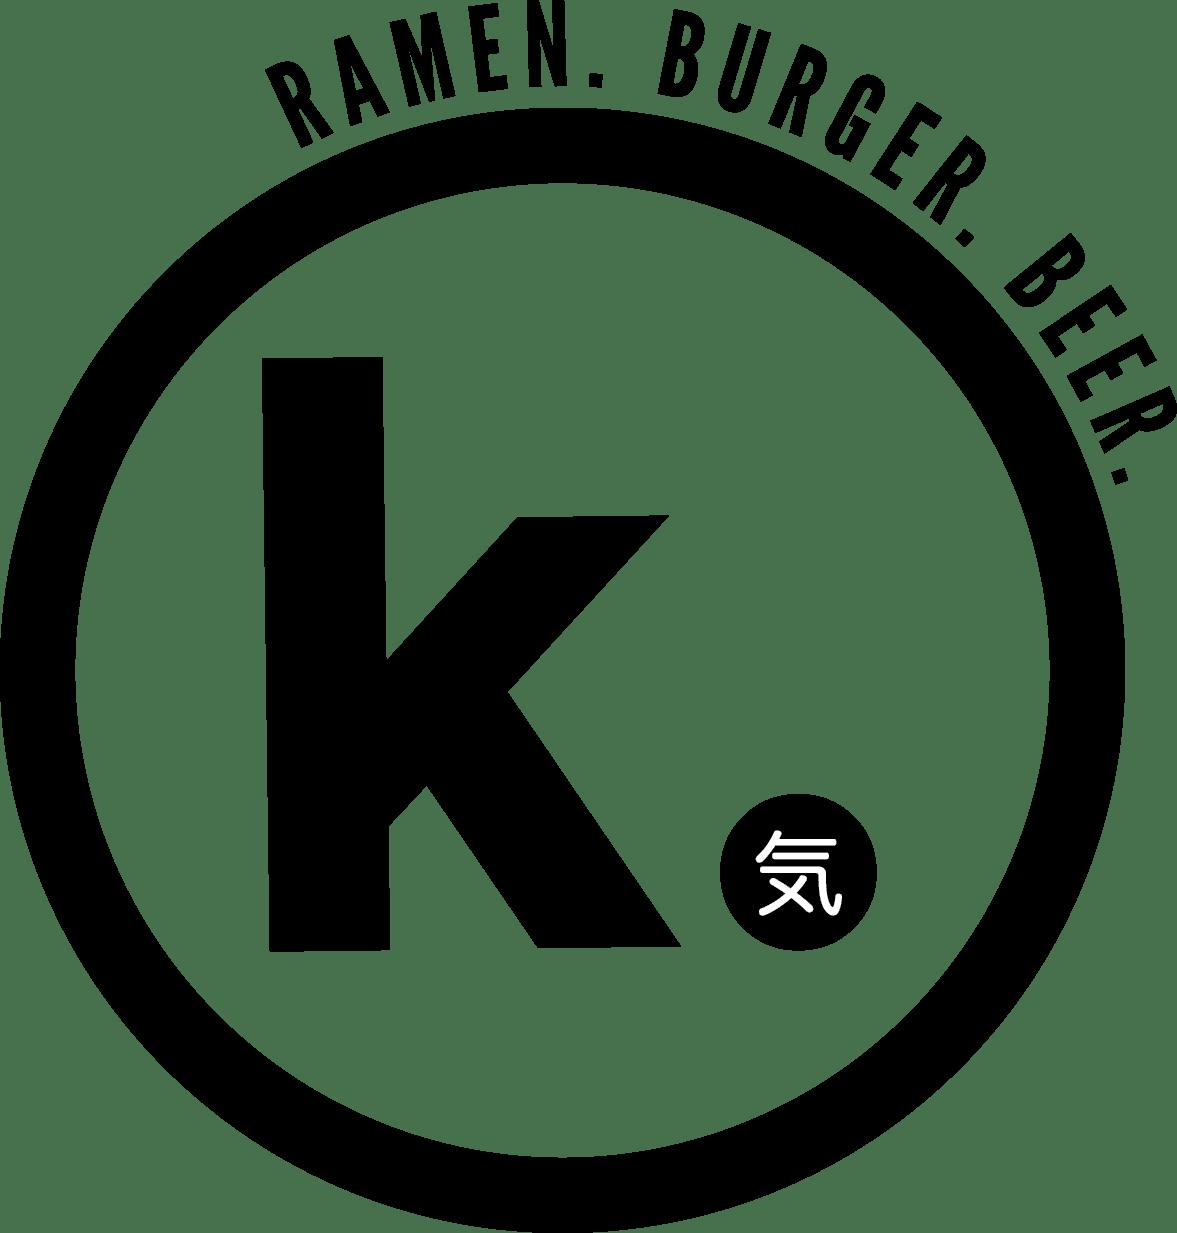 K Ramen. Burger. Beer.